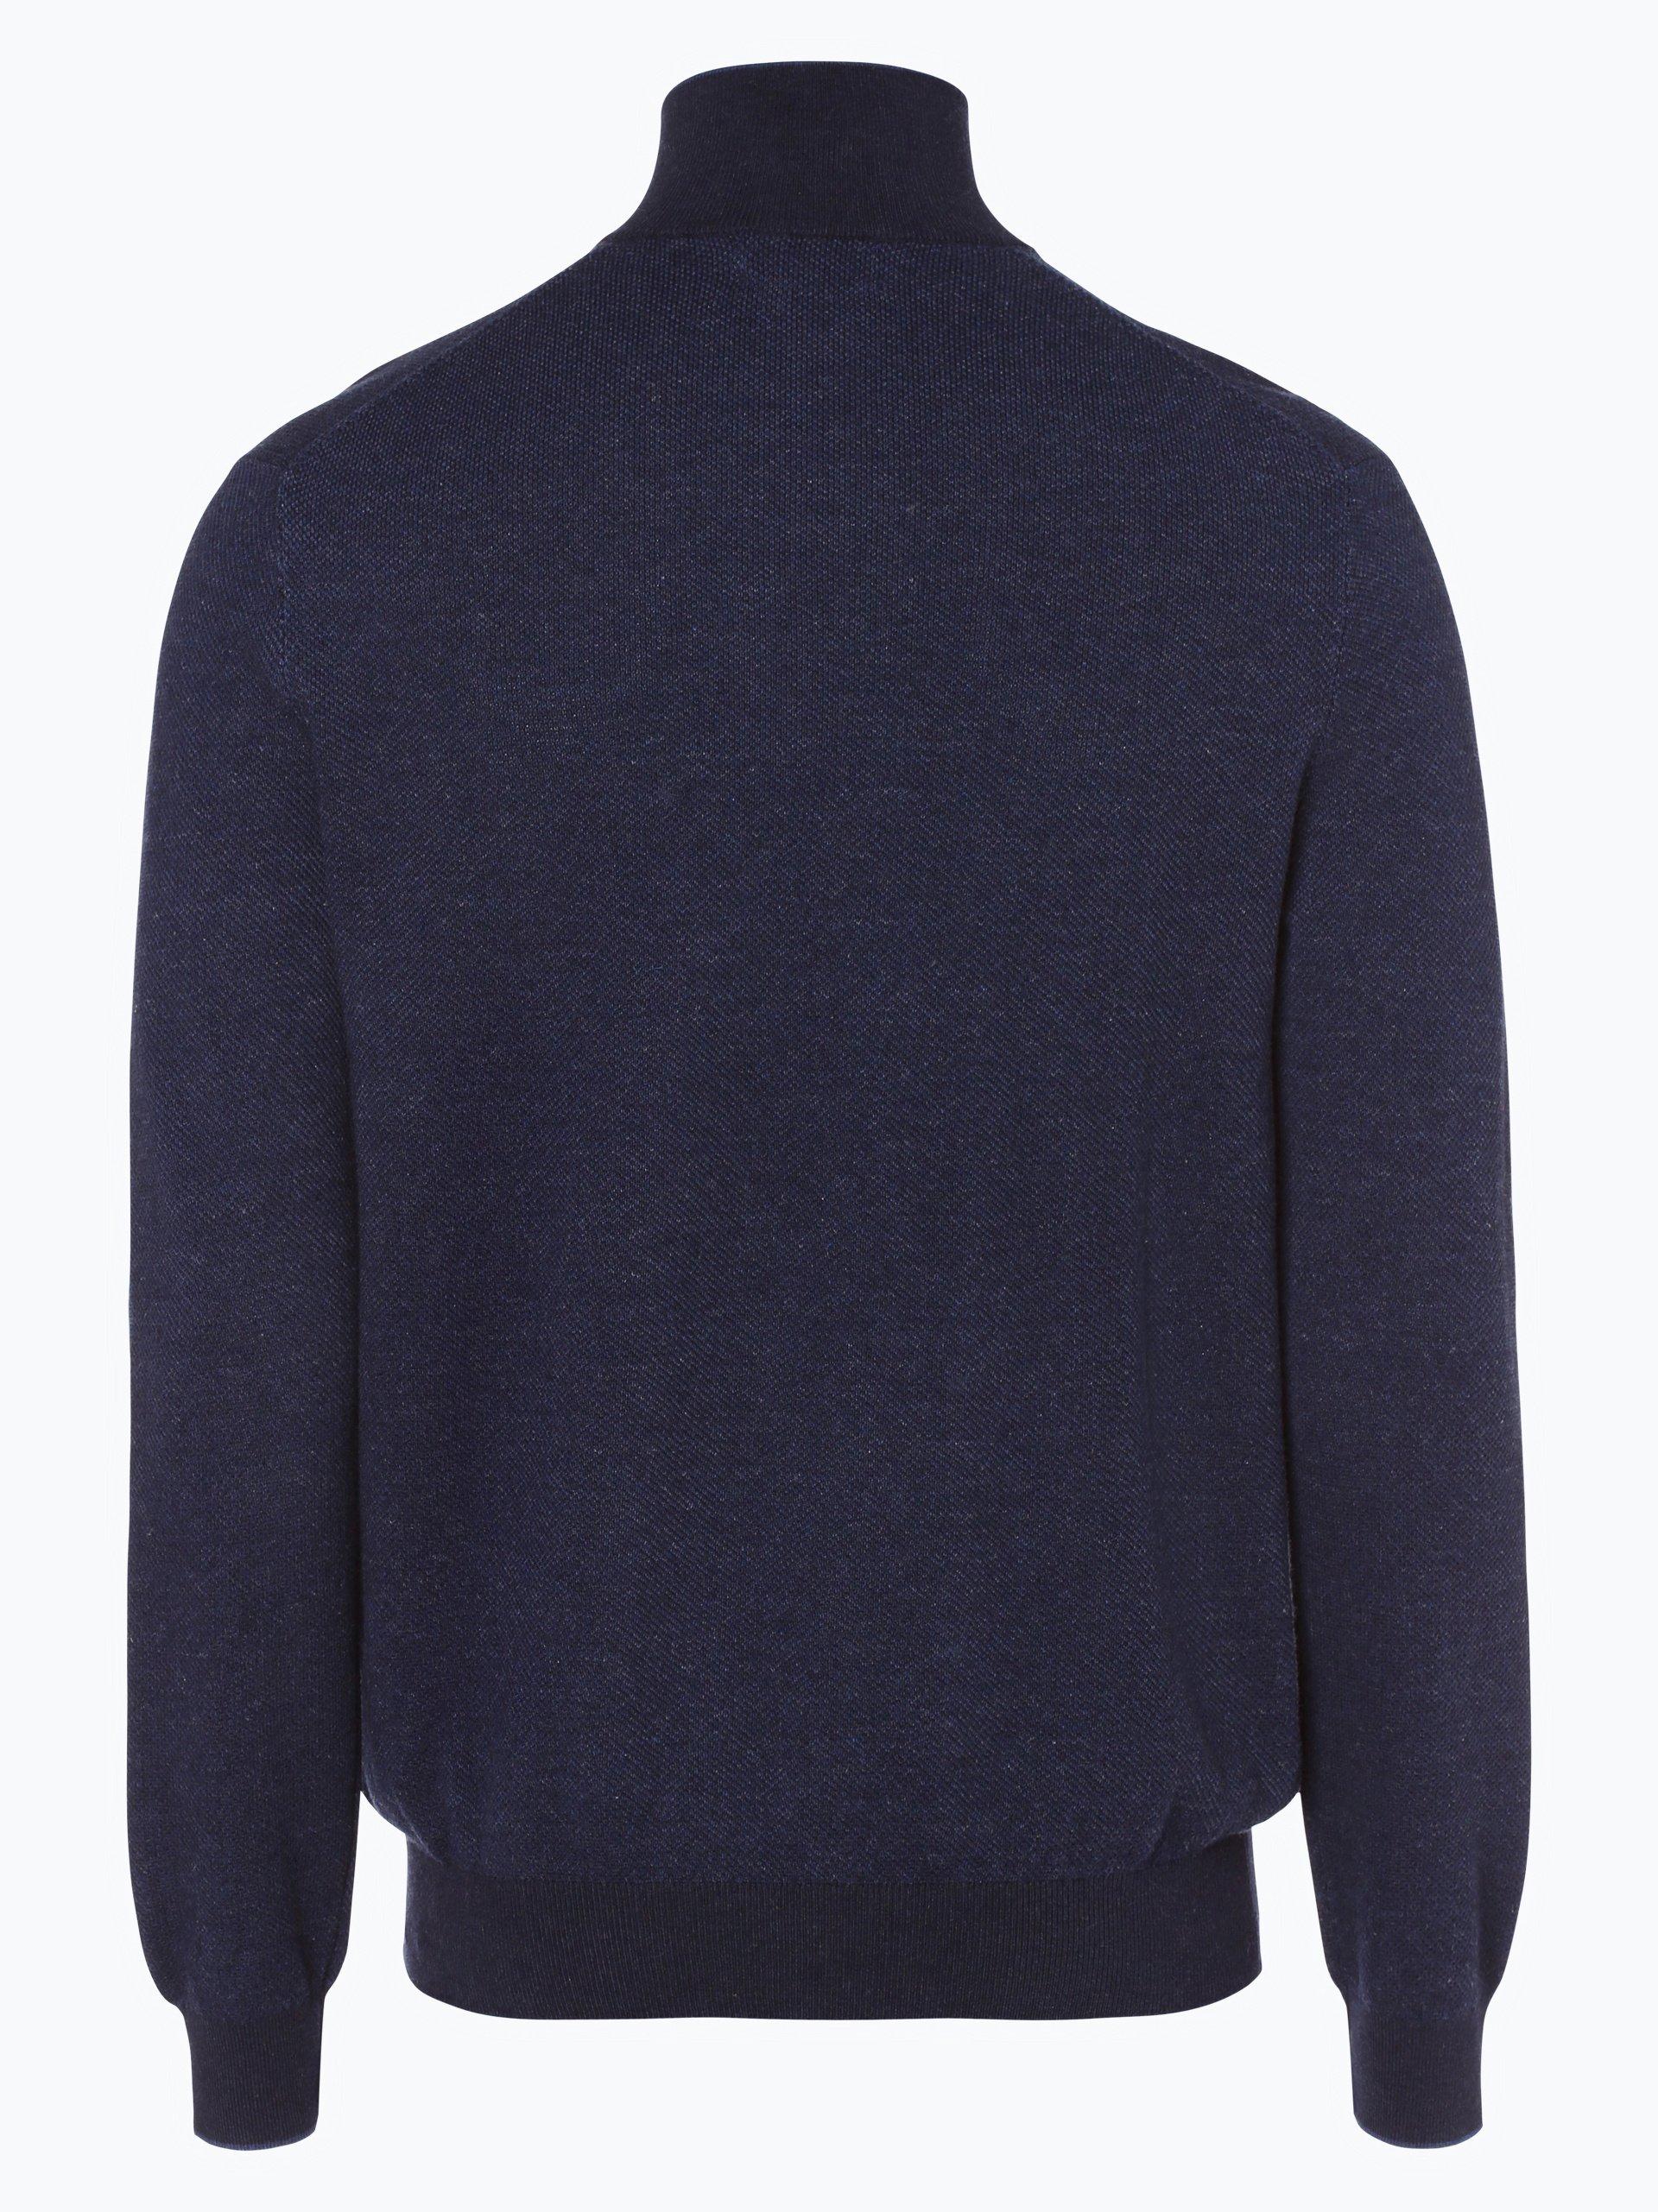 polo ralph lauren herren pullover indigo meliert online kaufen vangraaf com. Black Bedroom Furniture Sets. Home Design Ideas